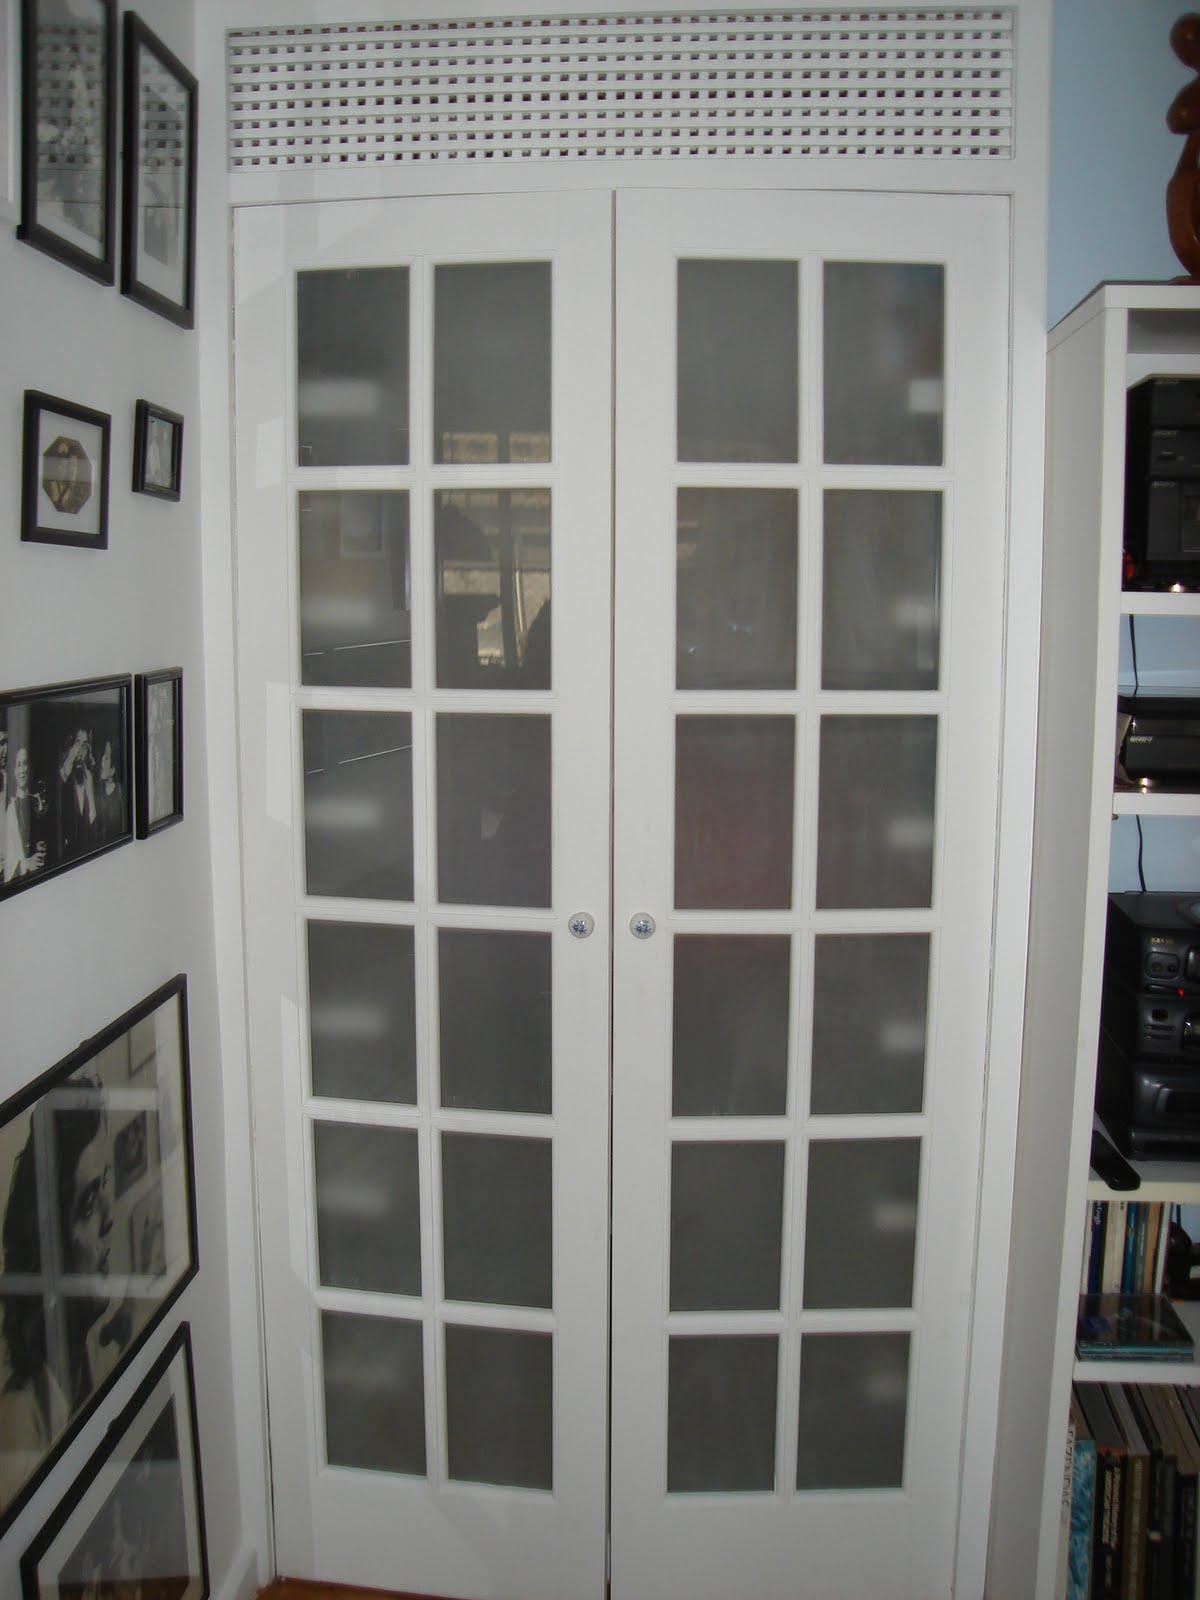 PORTAS COM ESPELHO / PEQUENO CLOSET EM SALA SOMENTE PRATELEIRAS #59504C 1200x1600 Banheiro Com Closet Pequeno